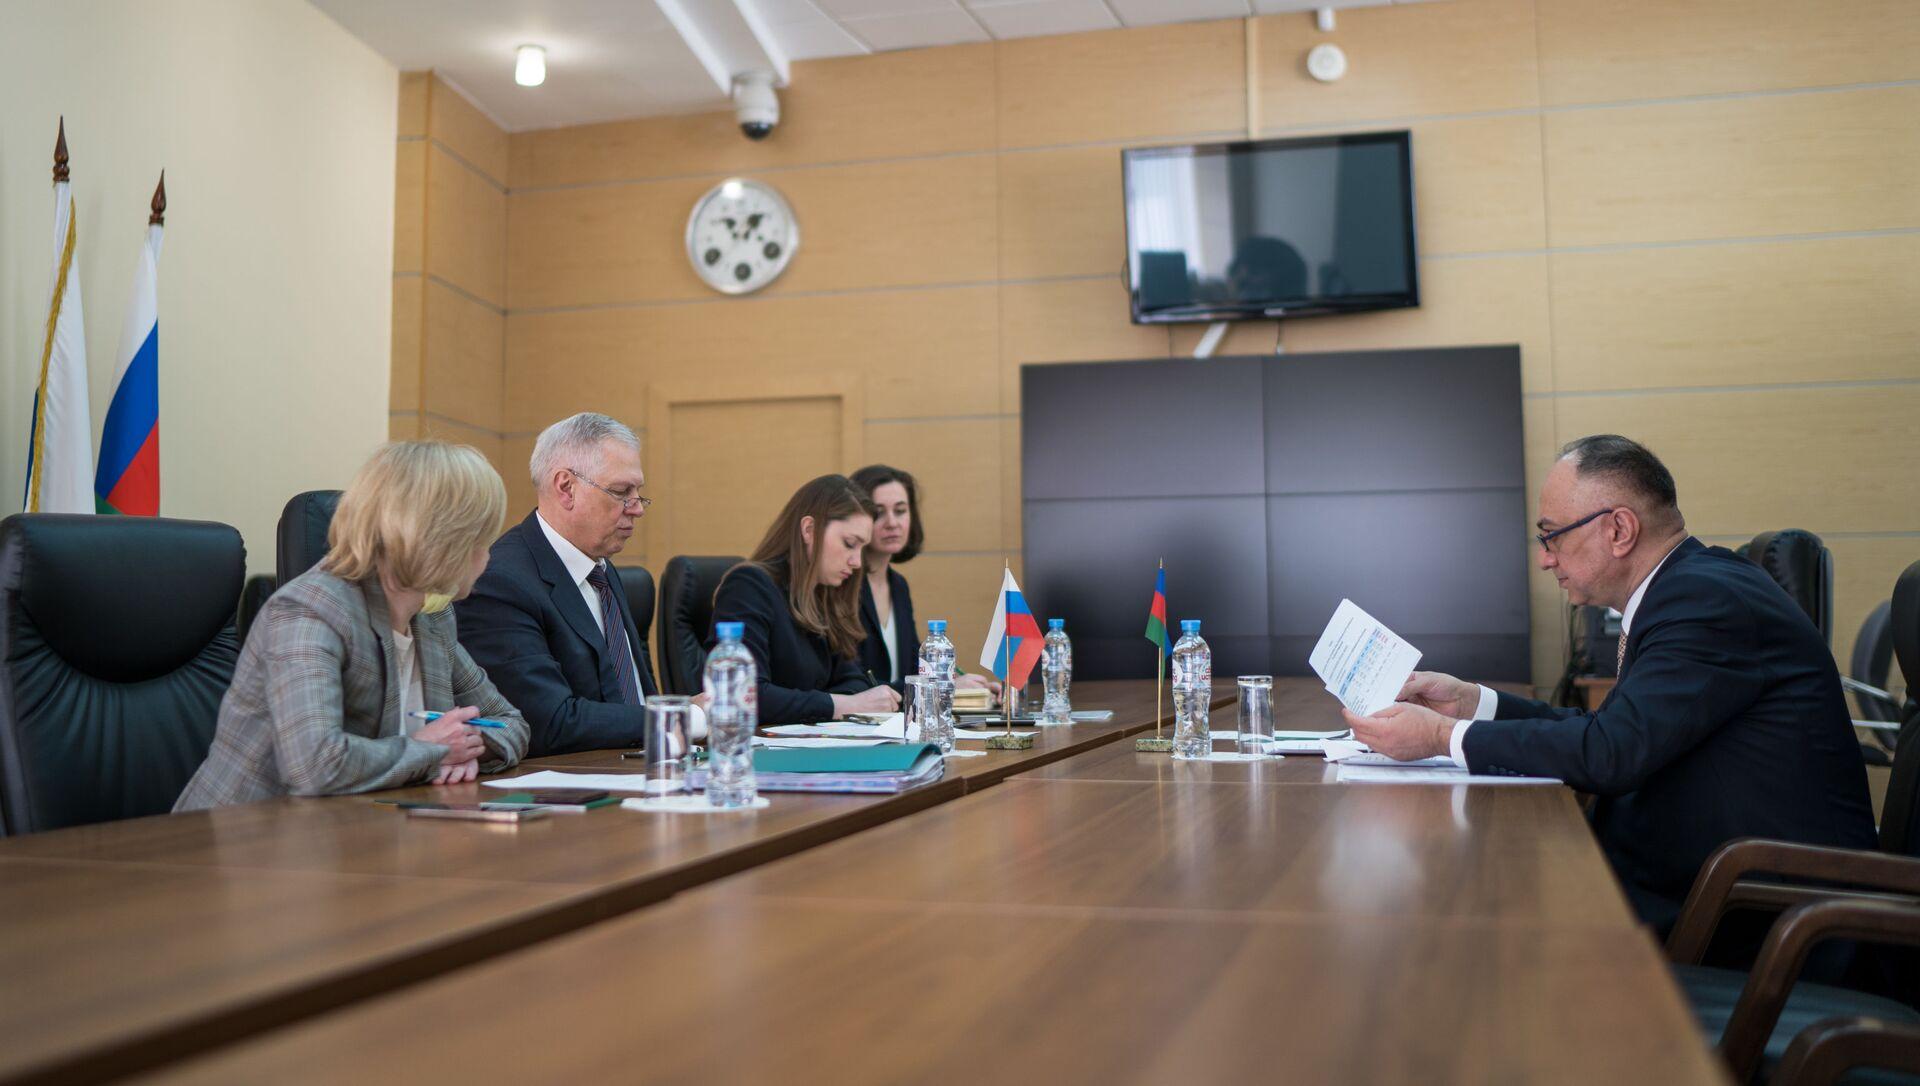 Руководитель Агентства продовольственной безопасности Азербайджана Гошгар Тахмазли провел в Москве встречу с главой Россельхознадзора Сергеем Данквертом - Sputnik Азербайджан, 1920, 27.04.2021